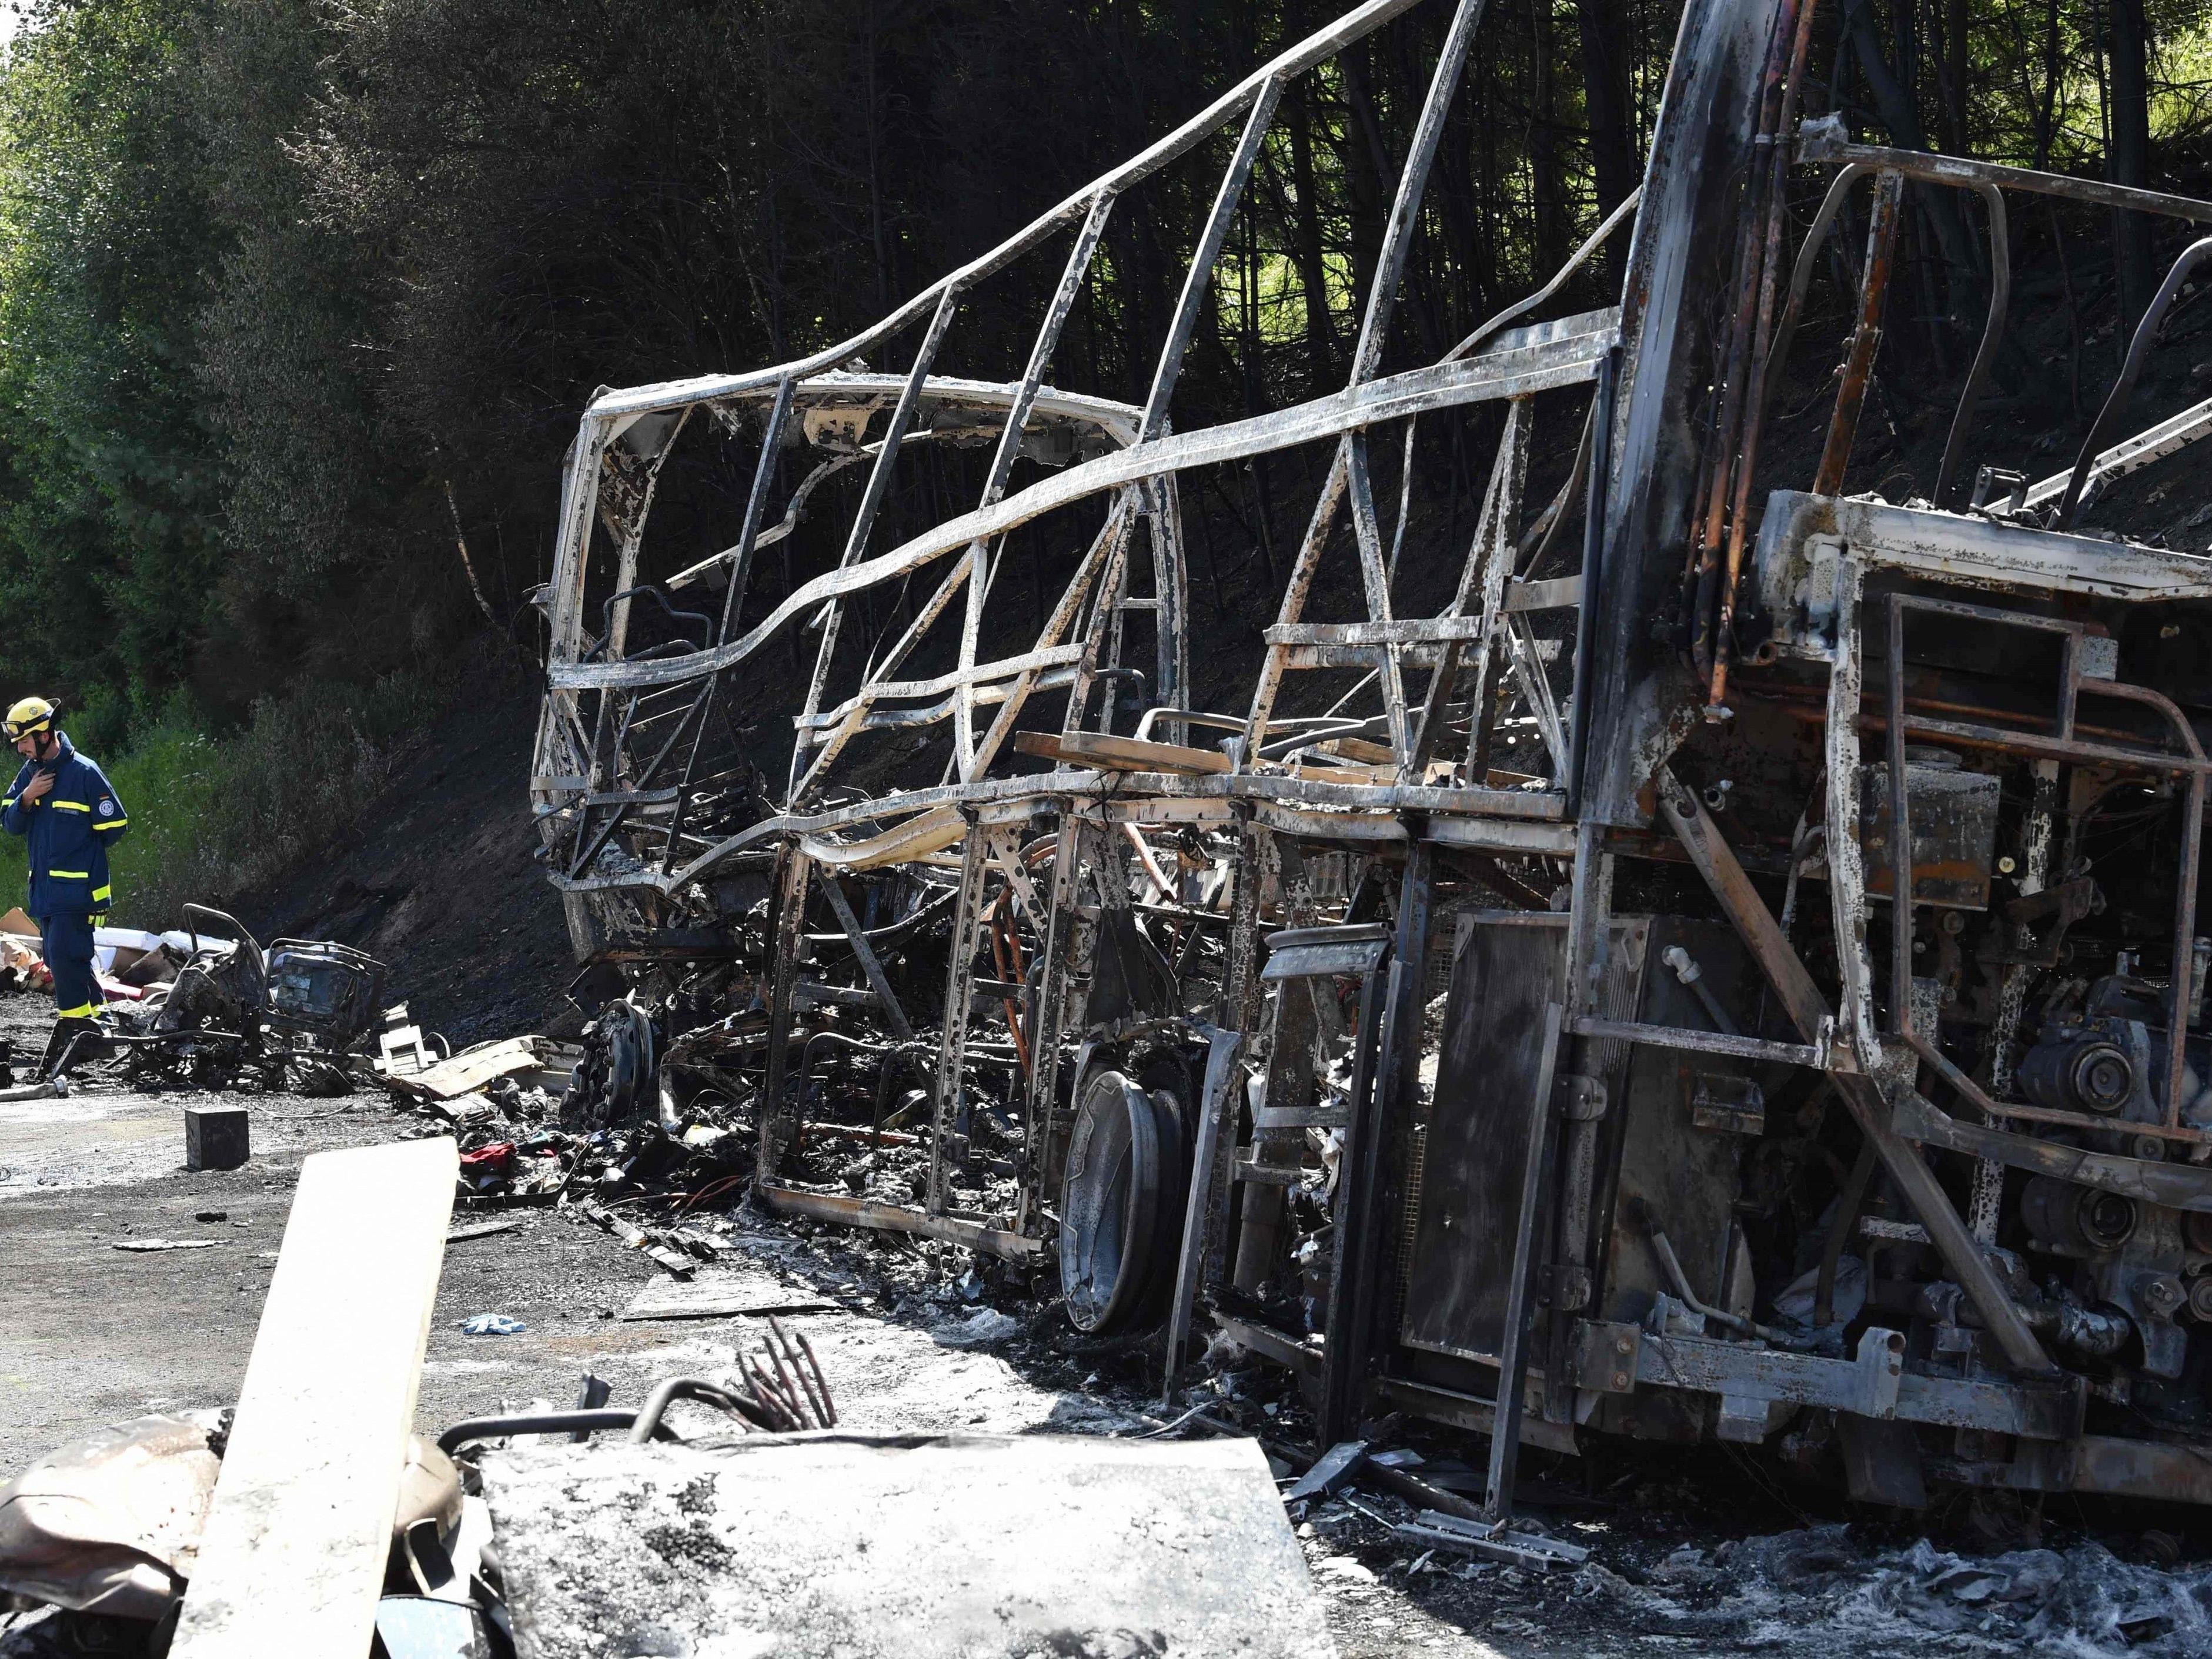 Bei dem verheerenden Brand auf der Autobahn A9 starben 18 Menschen.